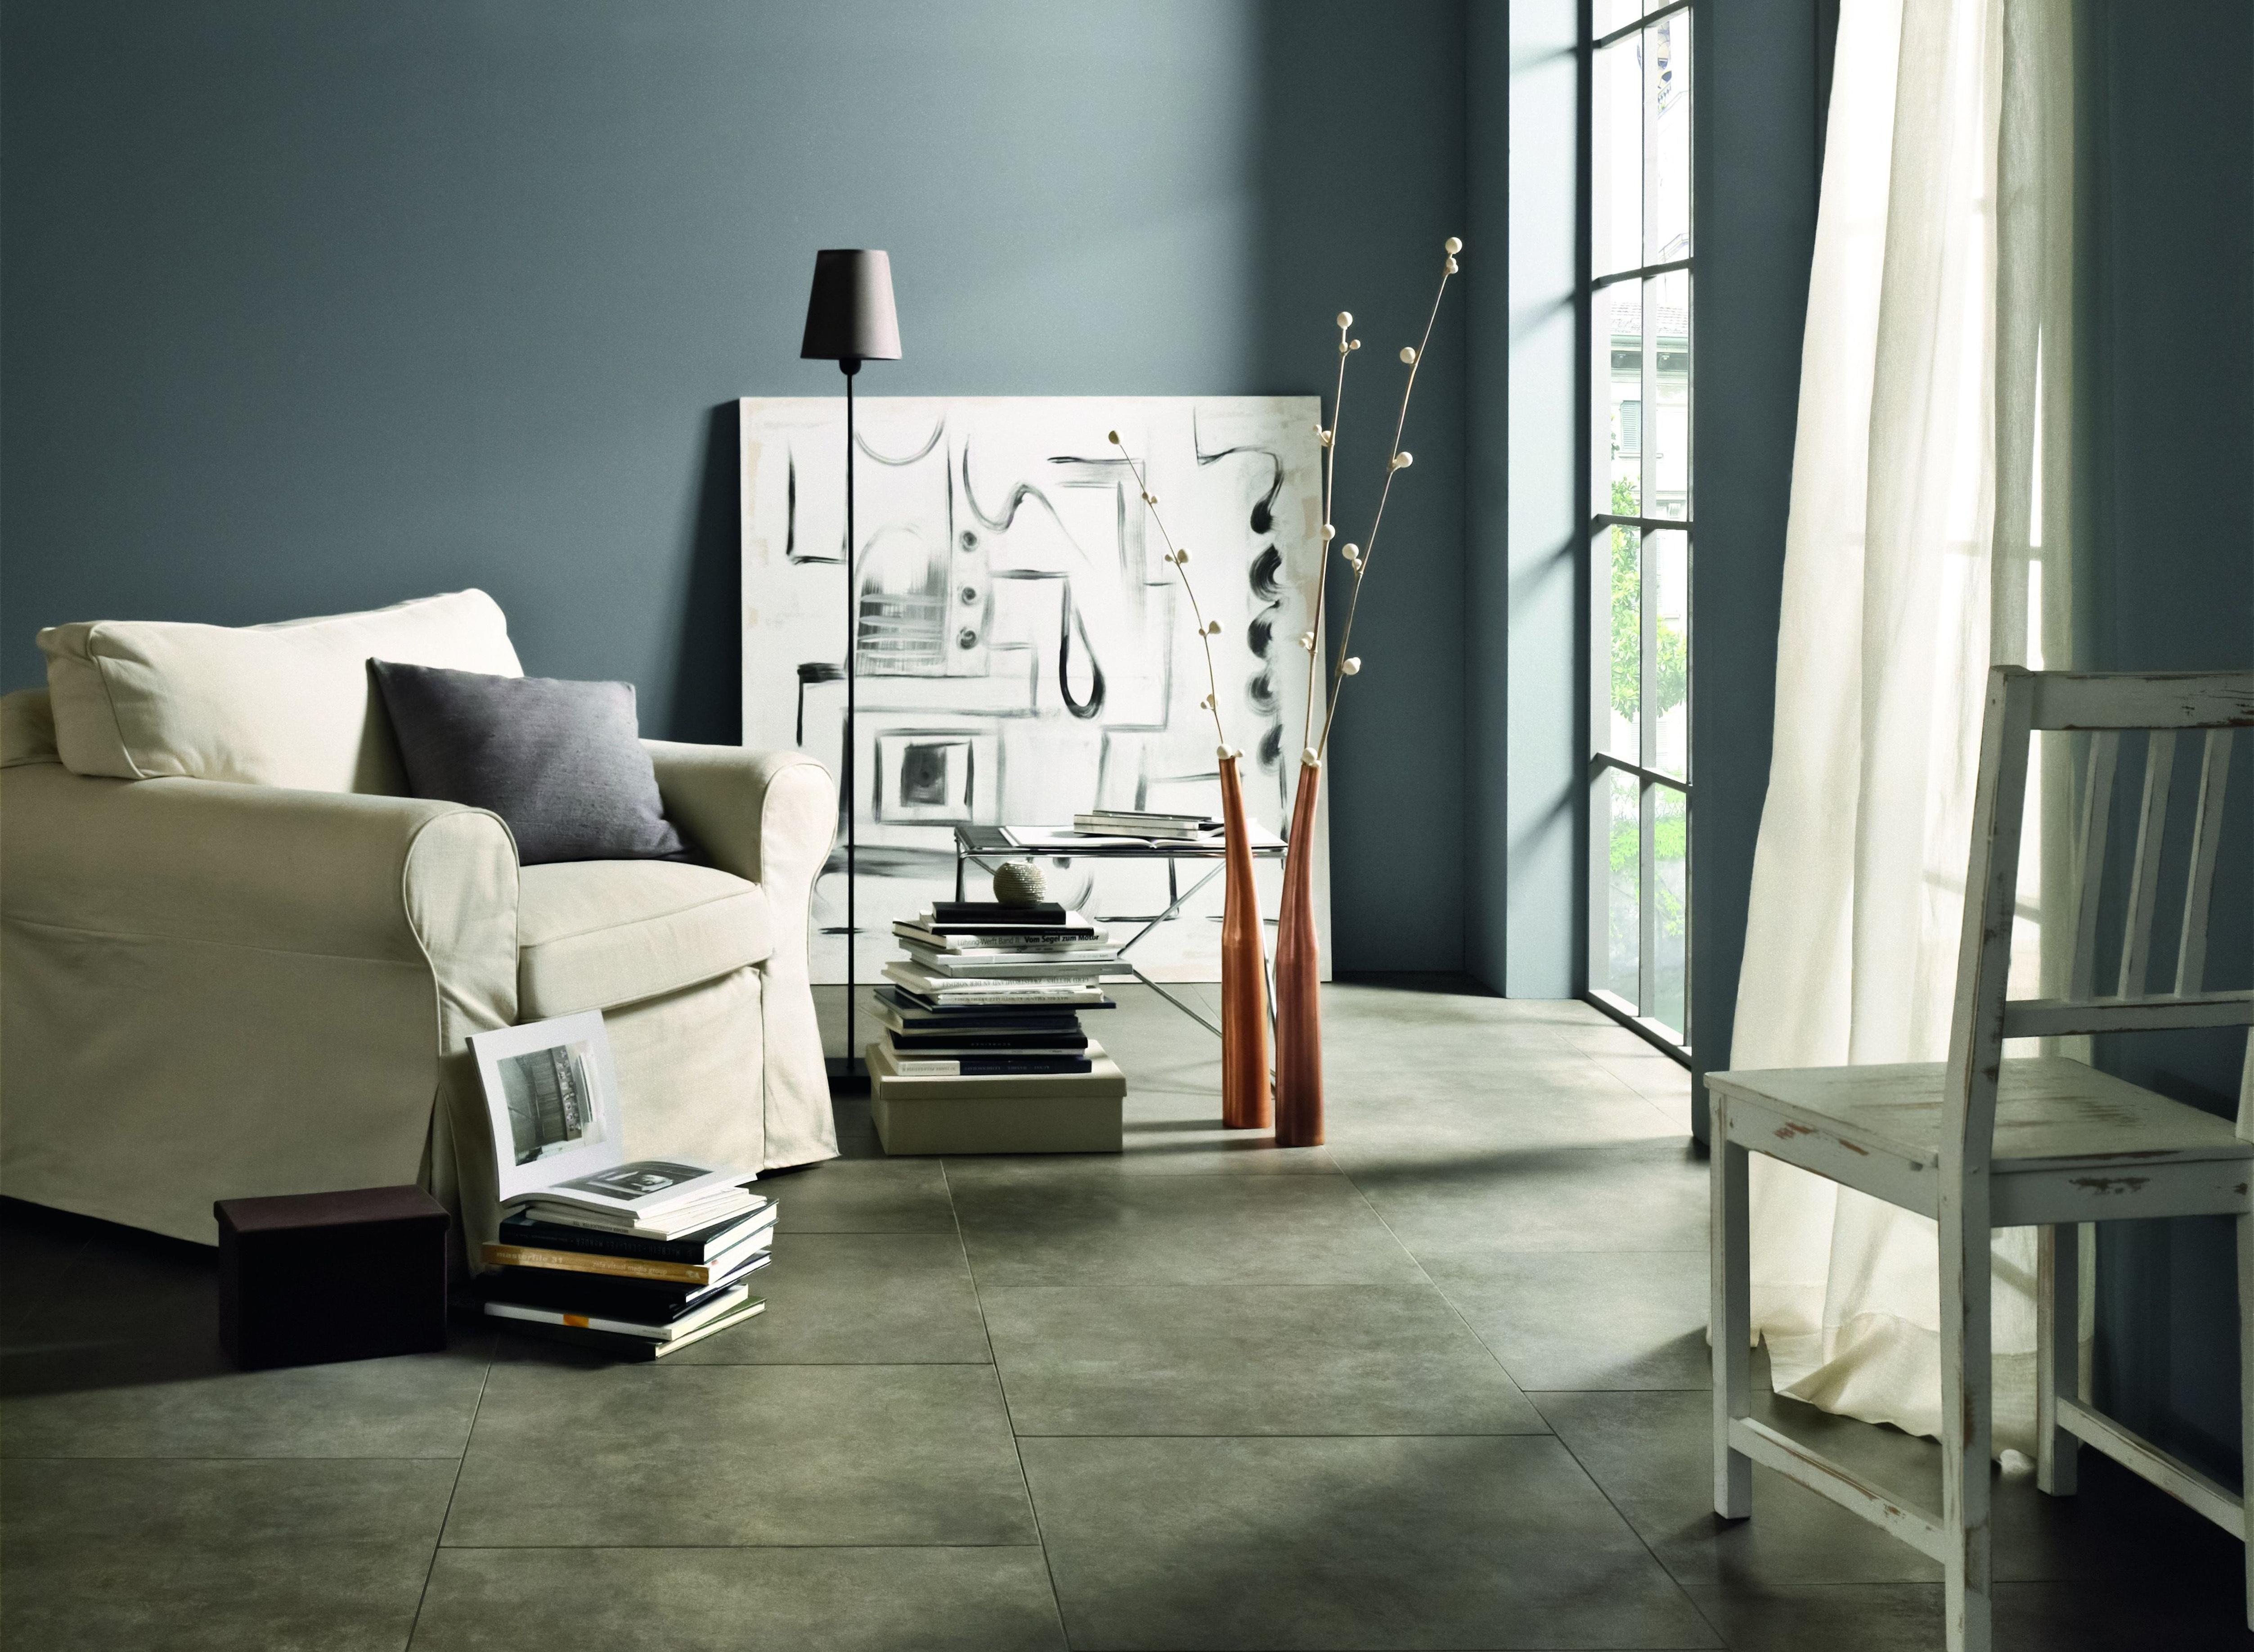 natur pastell oder holz die aktuellen trends bei fliesen mitte. Black Bedroom Furniture Sets. Home Design Ideas